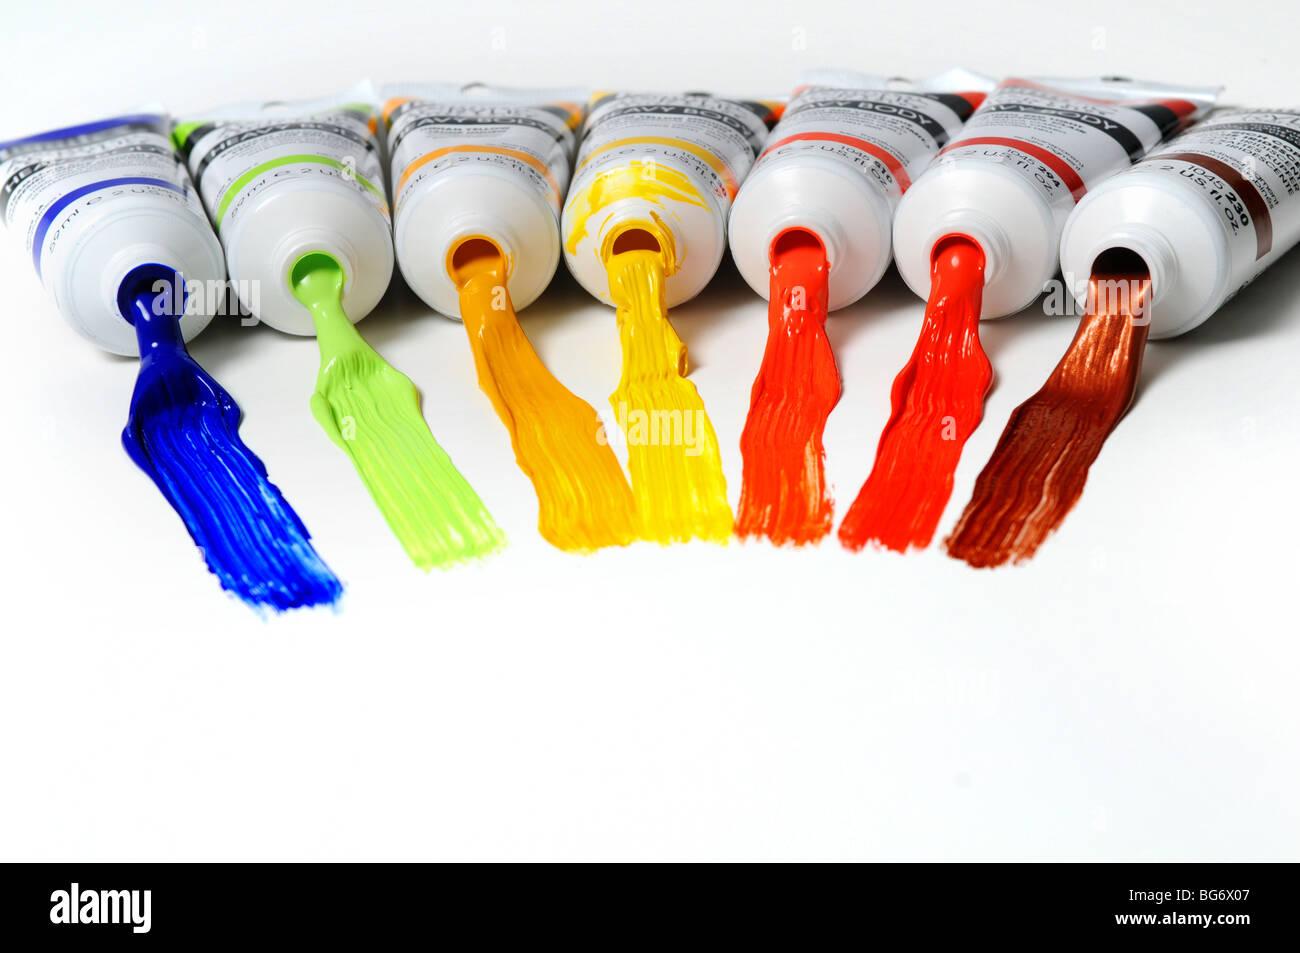 Tubi di vernice con colori diversi si sviluppa su di una superficie bianca Immagini Stock